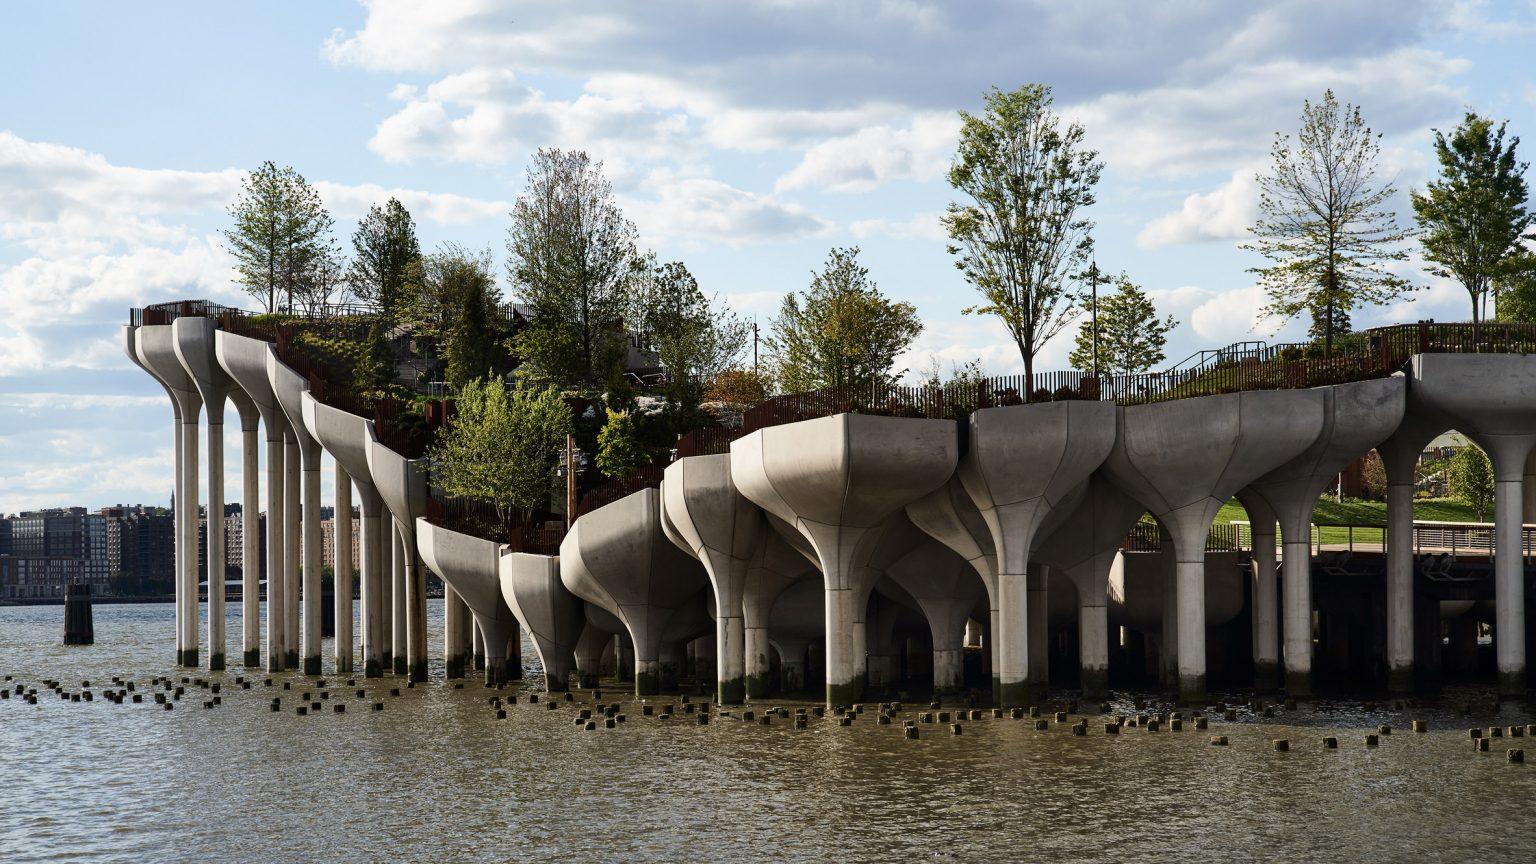 В Нью-Йорке открылся остров-парк, который стоит на 132 бетонных колоннах